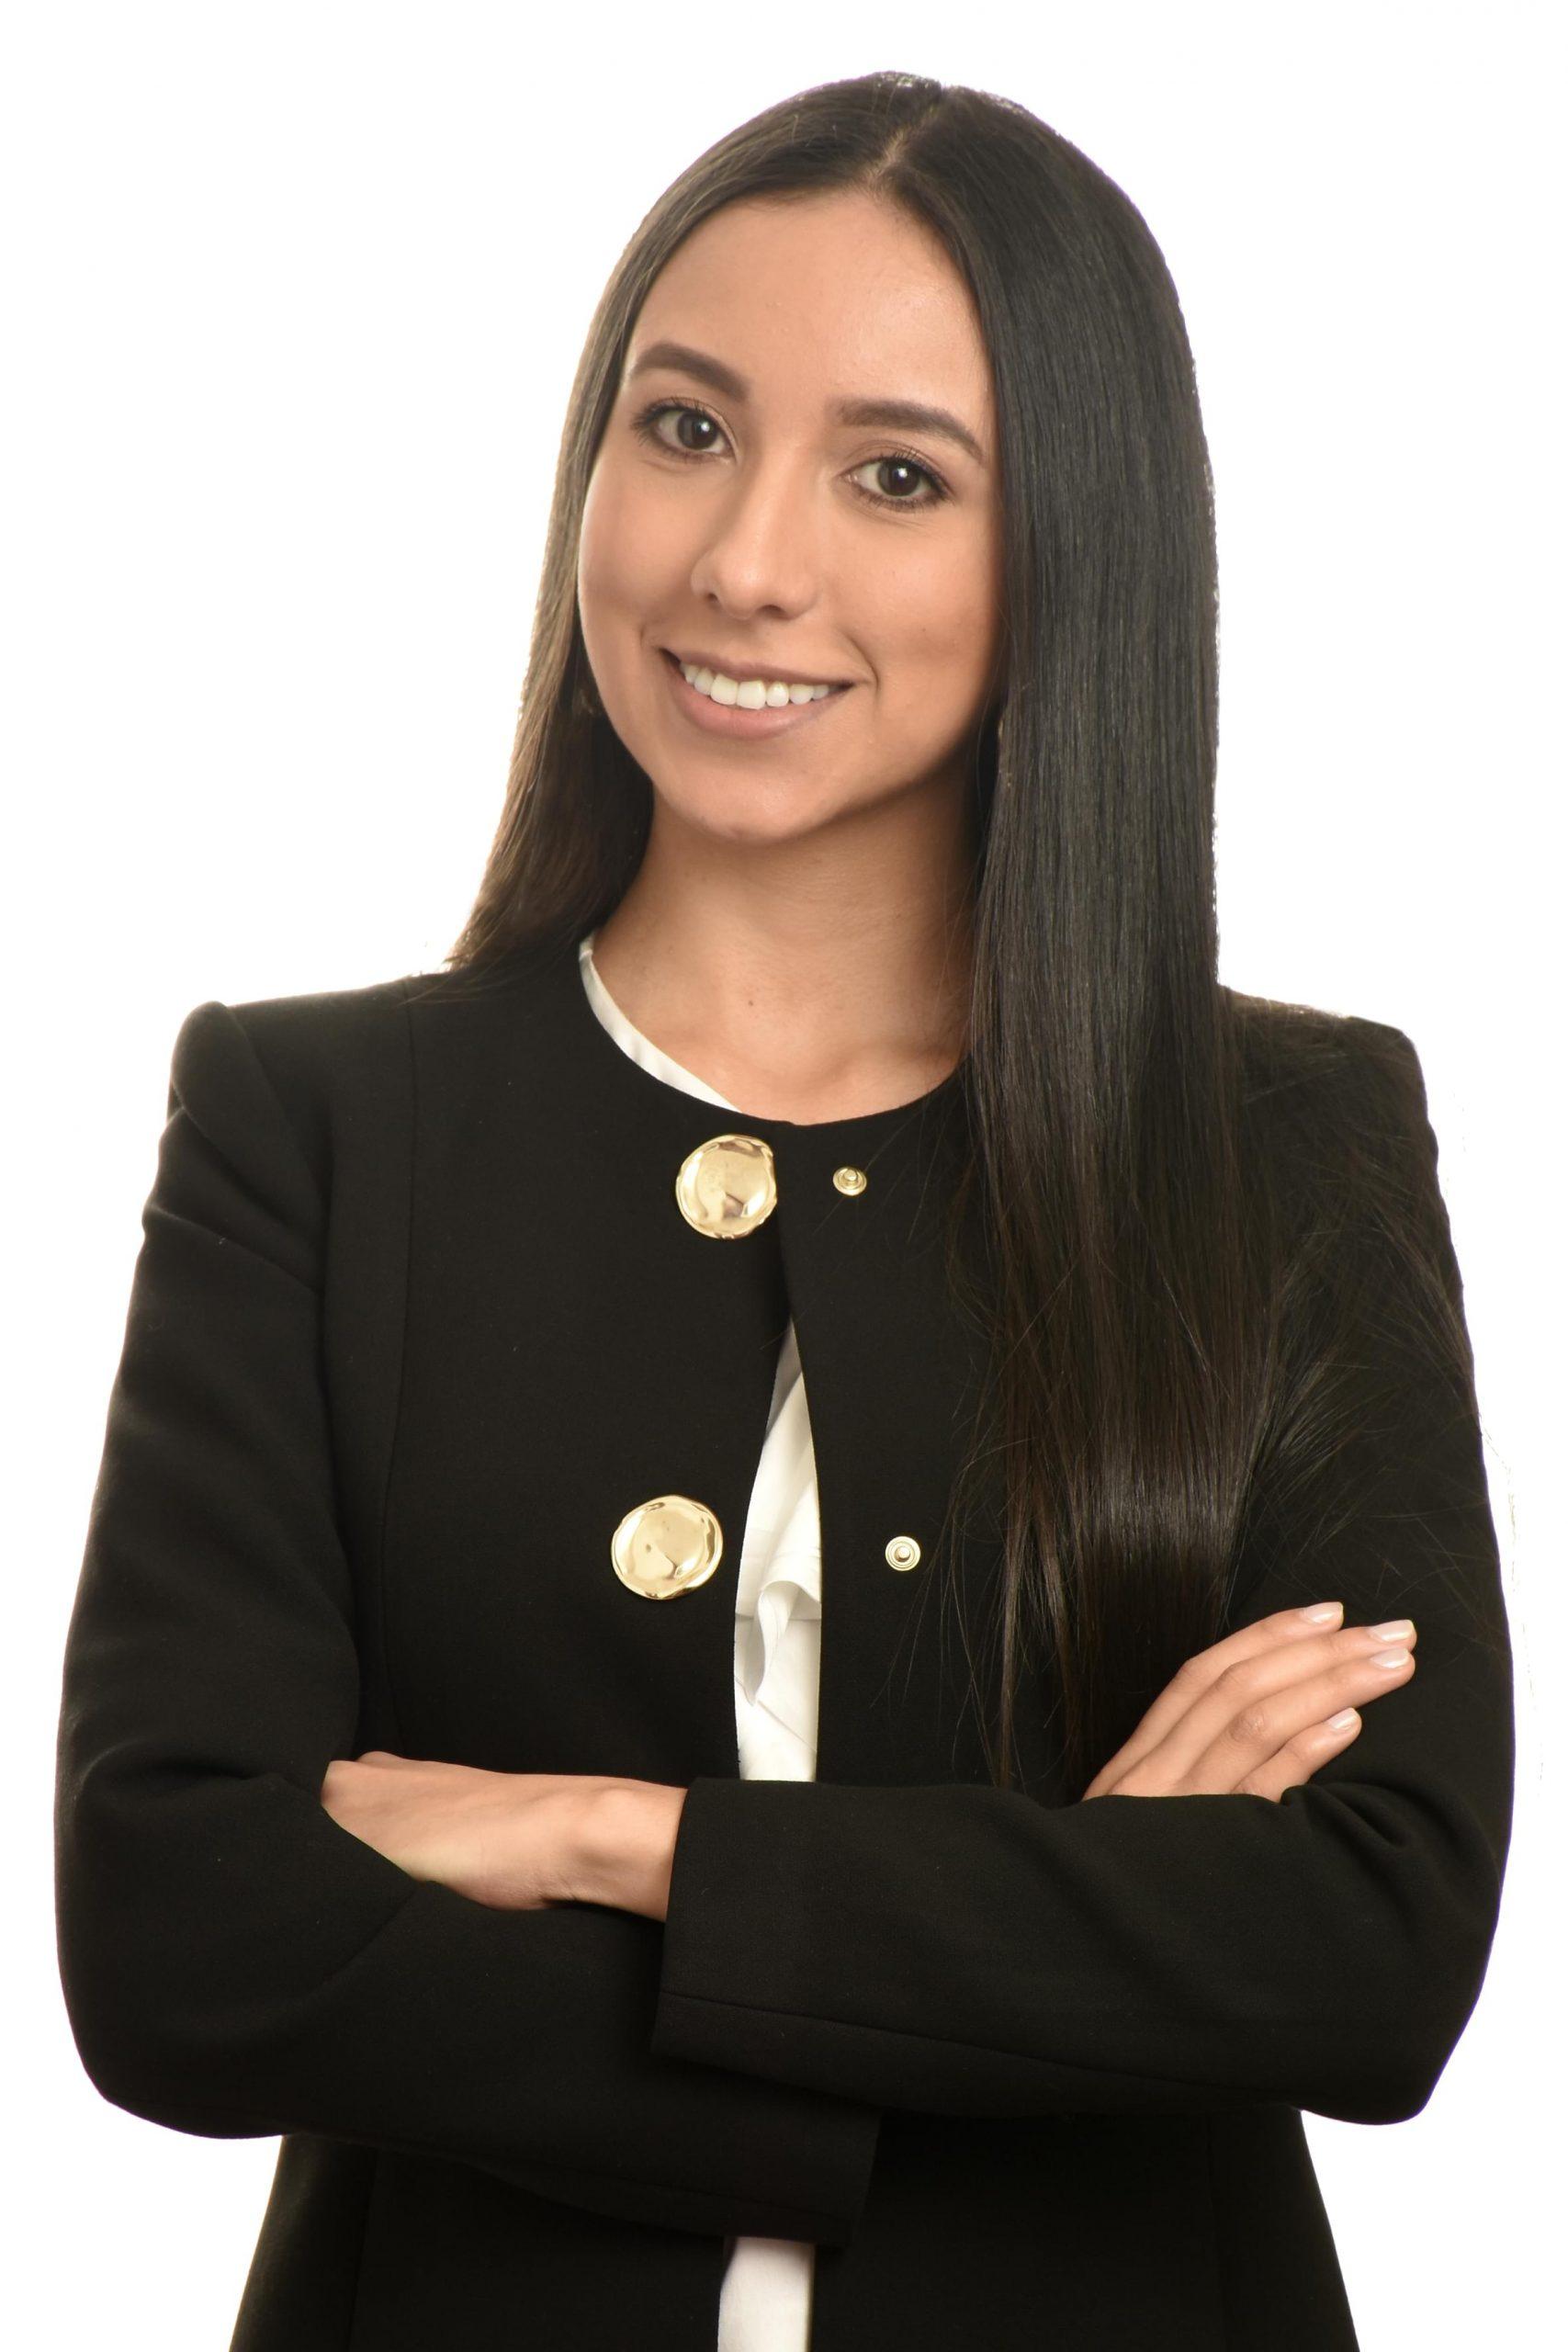 María Paula Triana Correa